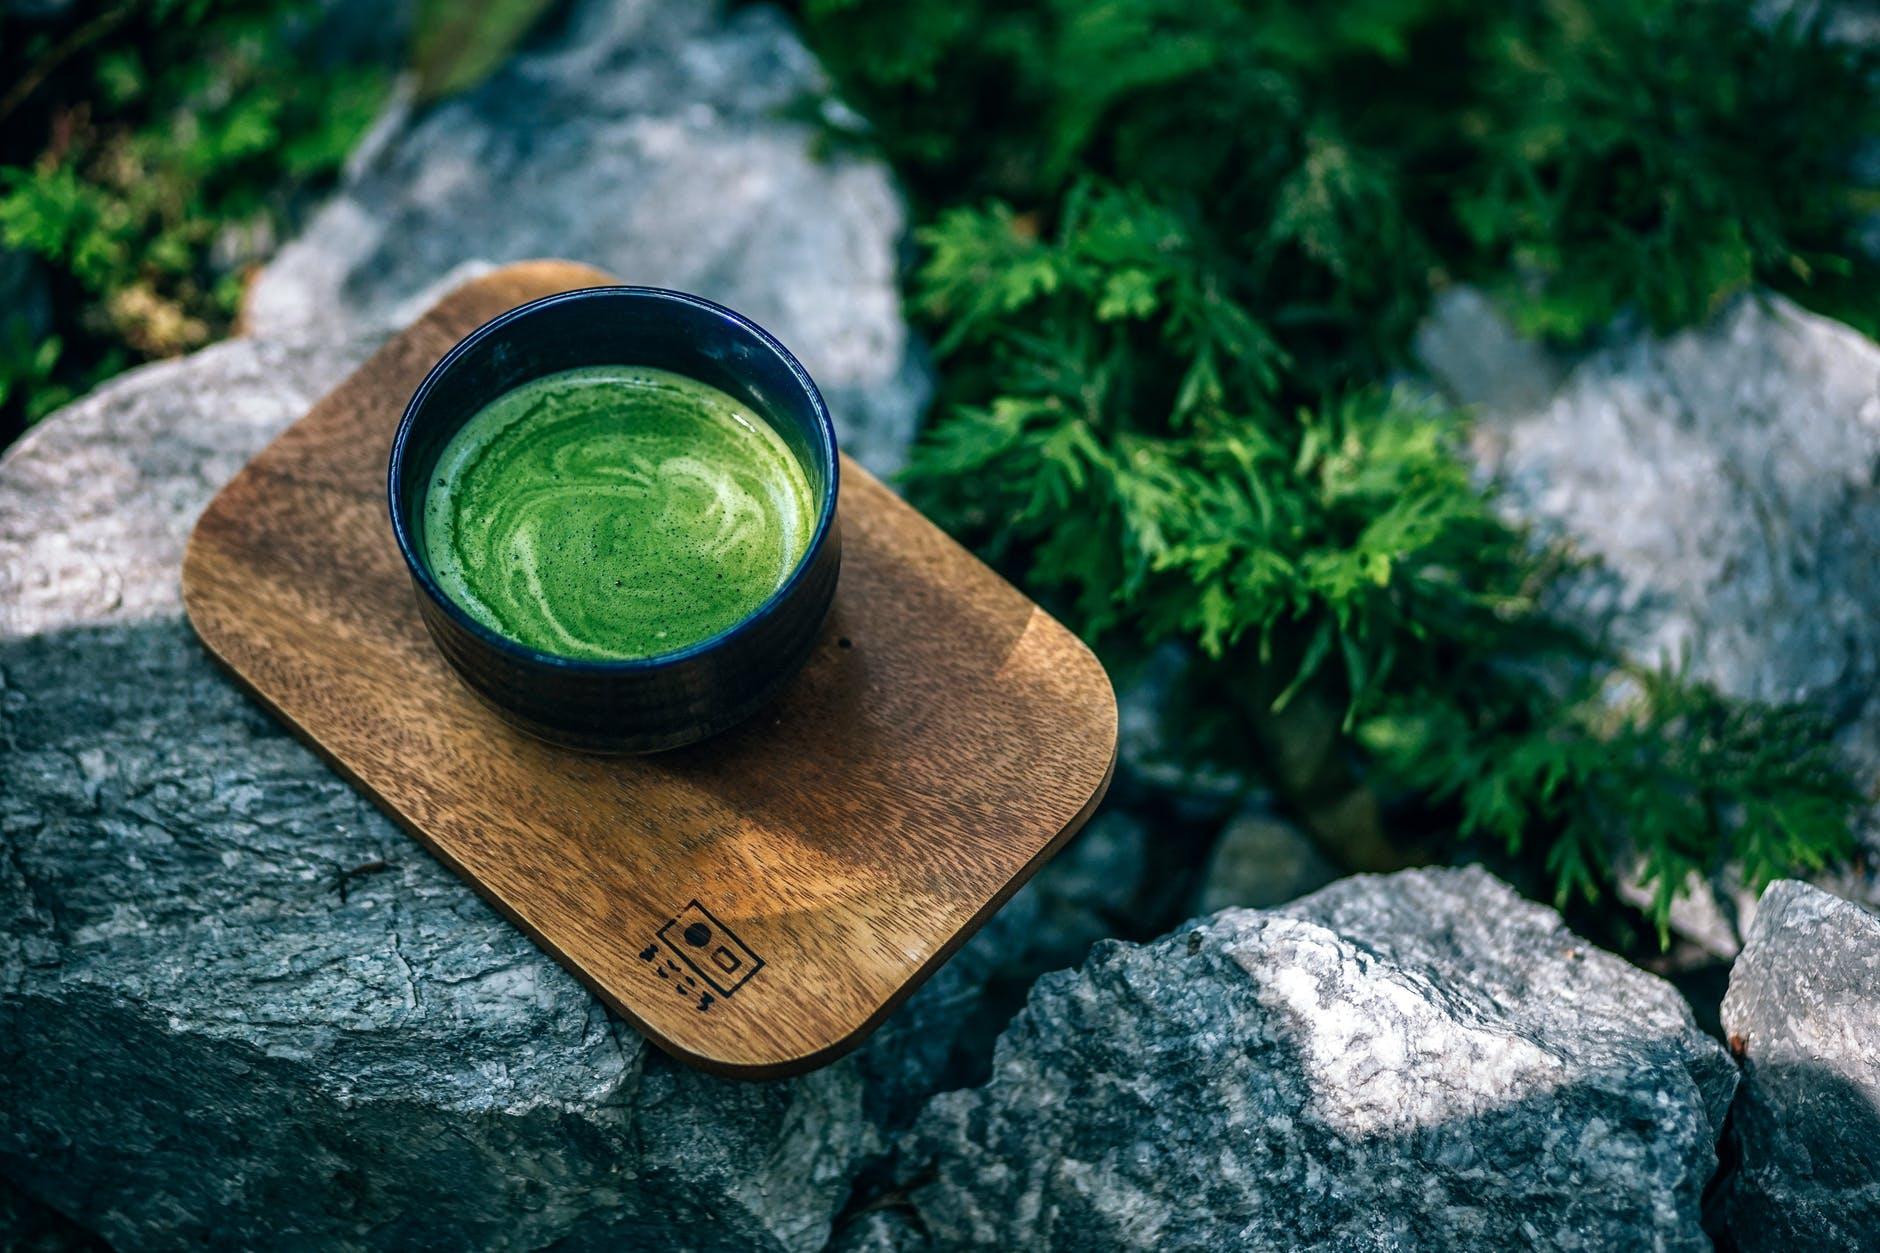 ชาเขียวกับประโยชน์ต่อสุขภาพ